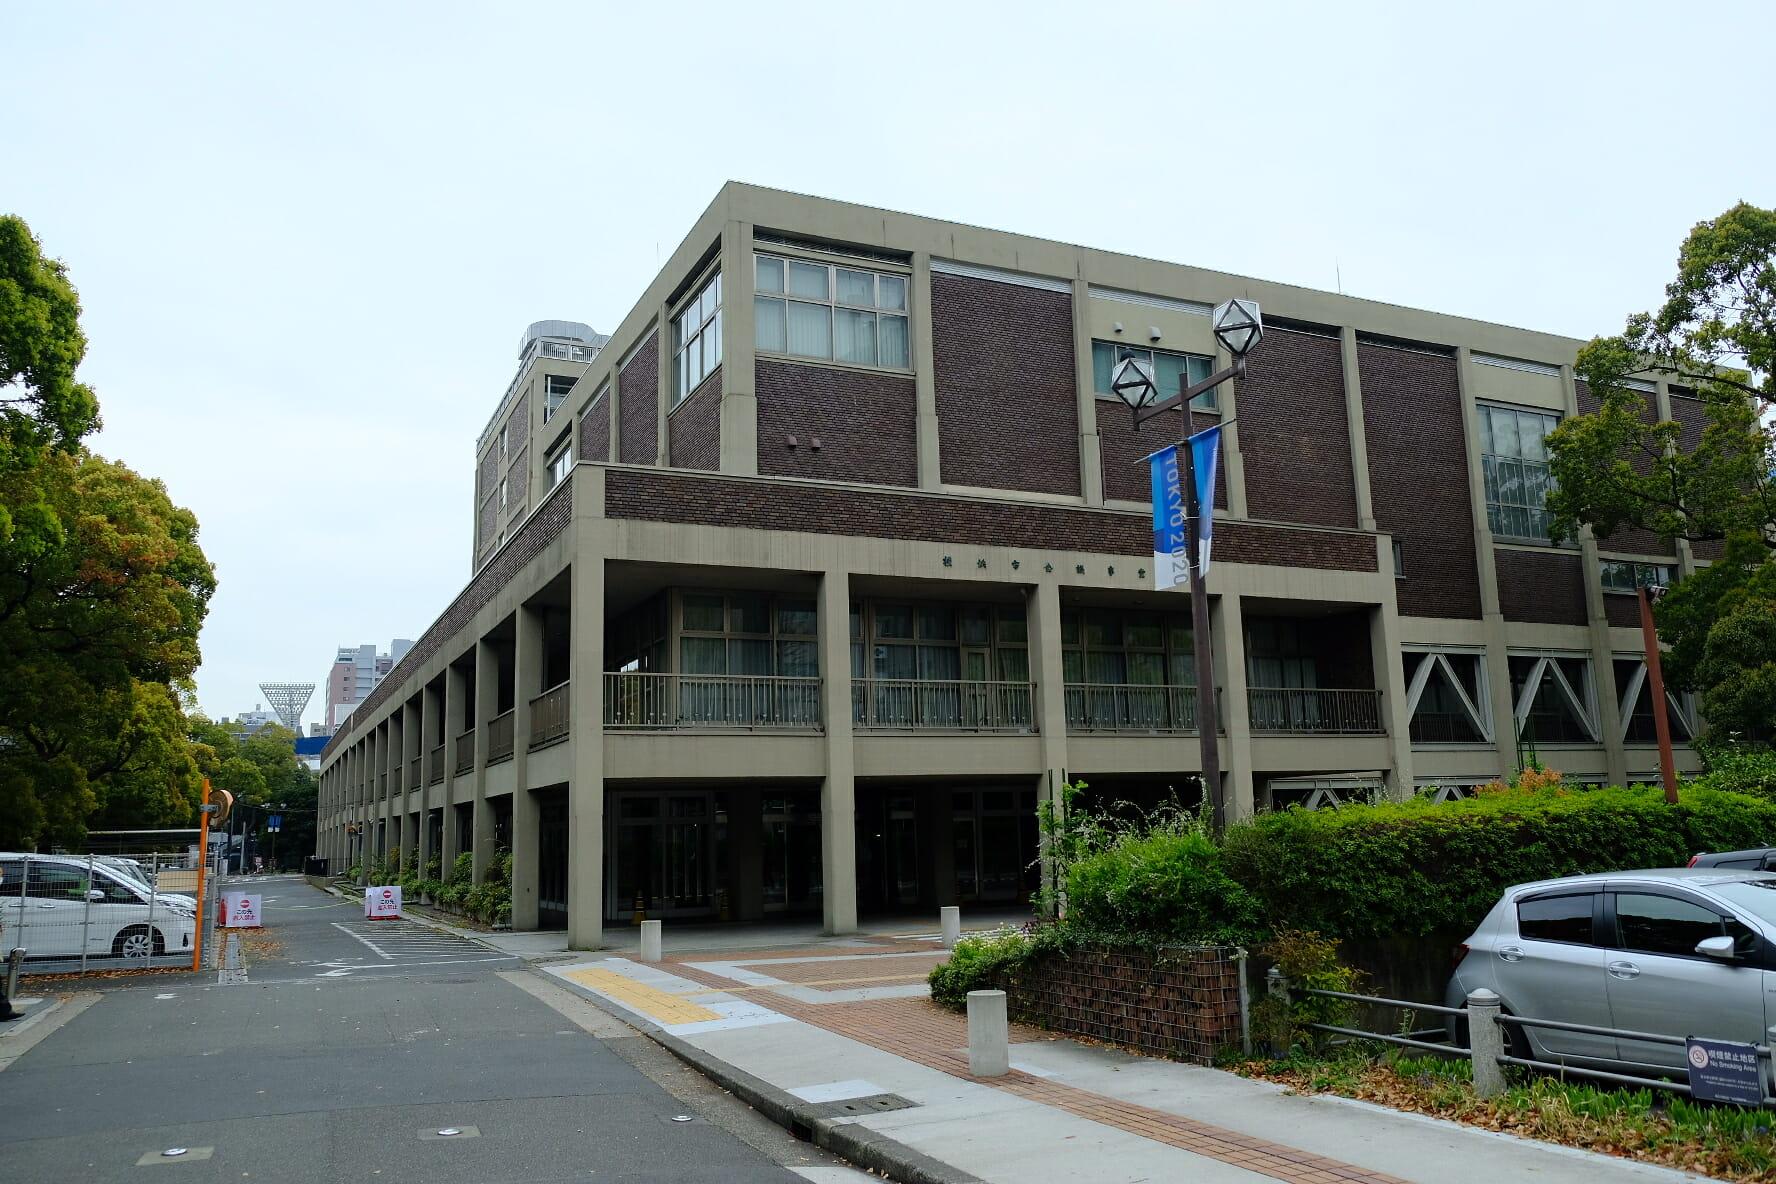 JR根岸線「関内駅」に隣接し、横浜スタジアムにも隣り合う横浜市の市庁舎。後ろに球場の照明塔が見える。